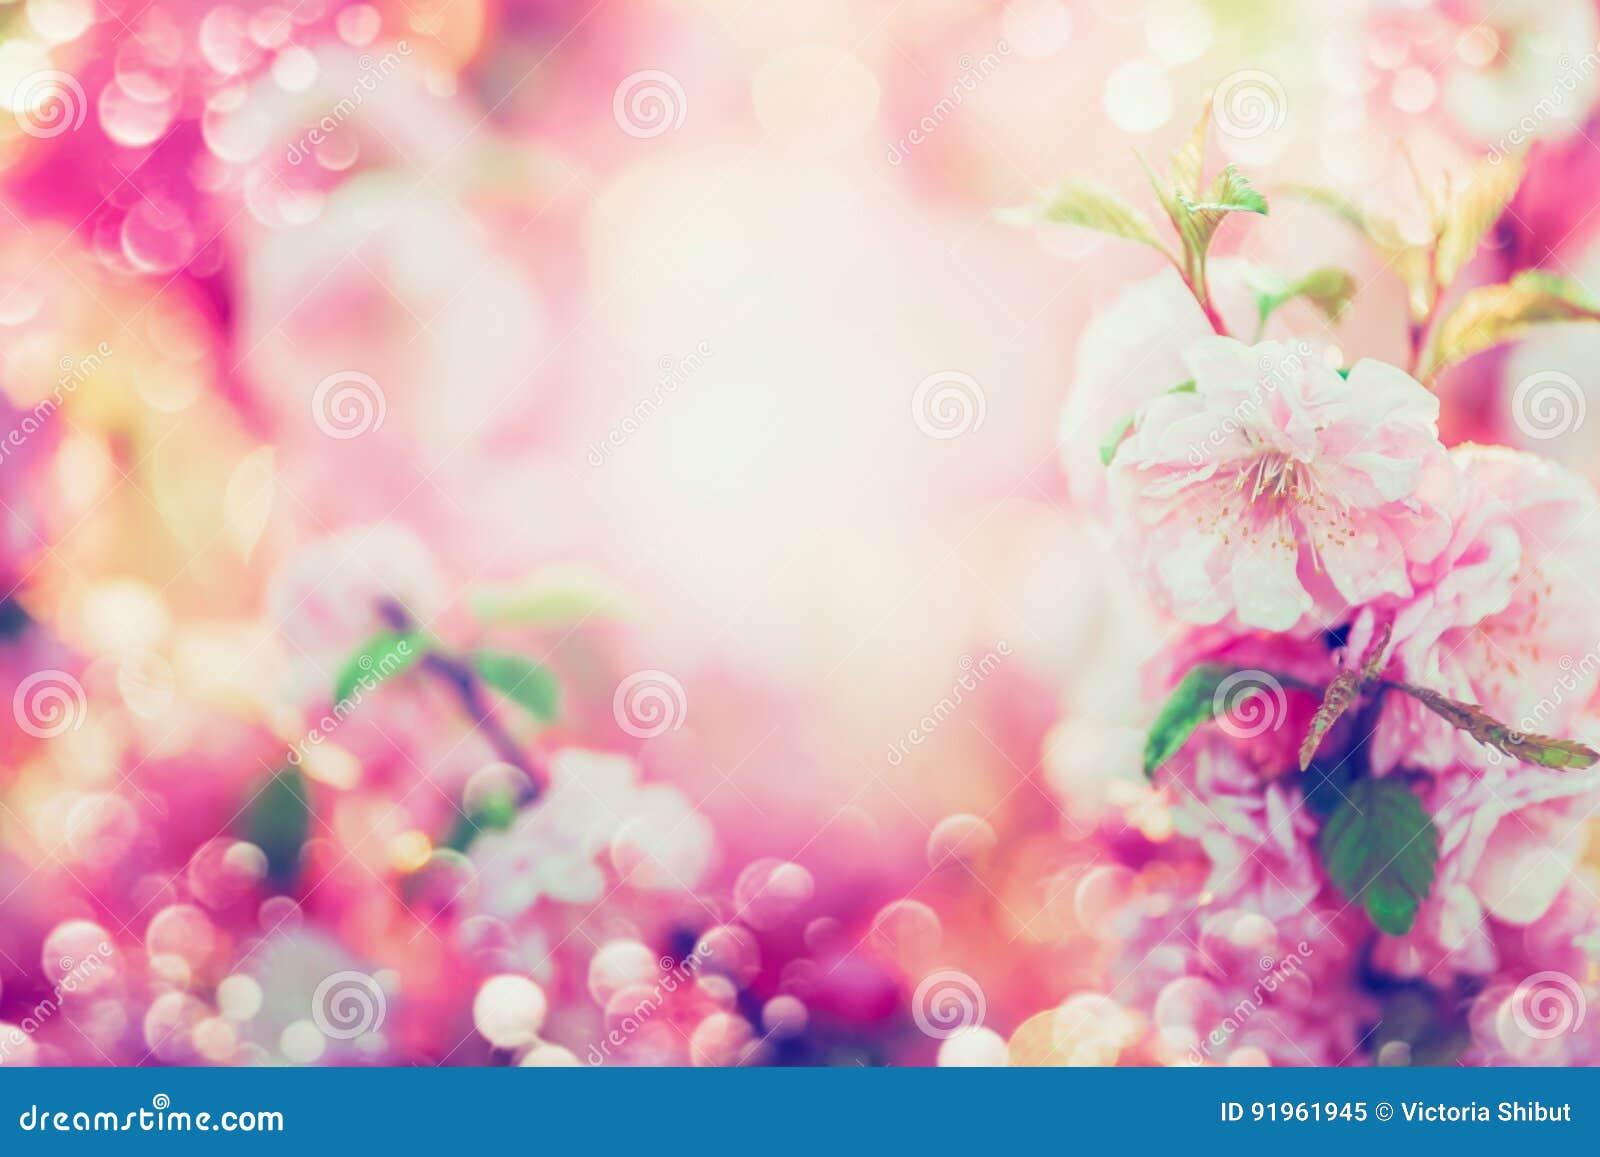 Blom- bakgrund för härlig sommar med rosa blomma, solsken